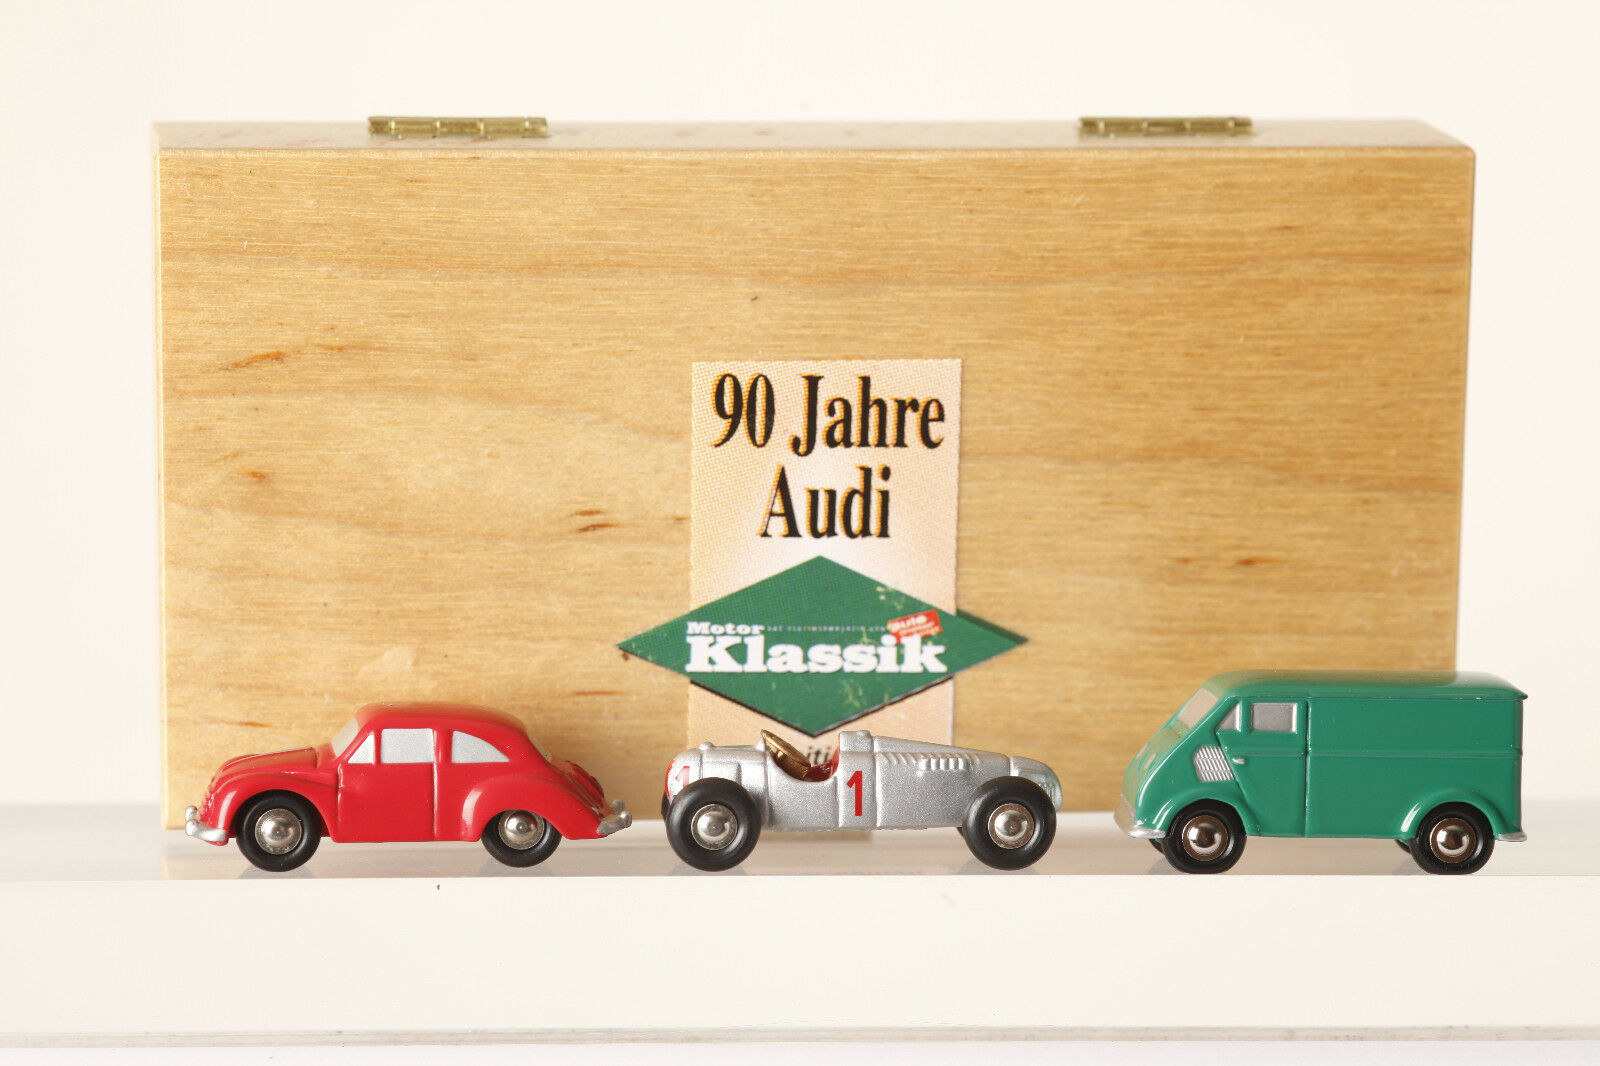 Schuco Piccolo 3er-Set 90 Jahre Audi 0053  DKW 3 6  Auto Union Typ C DKW Transp.